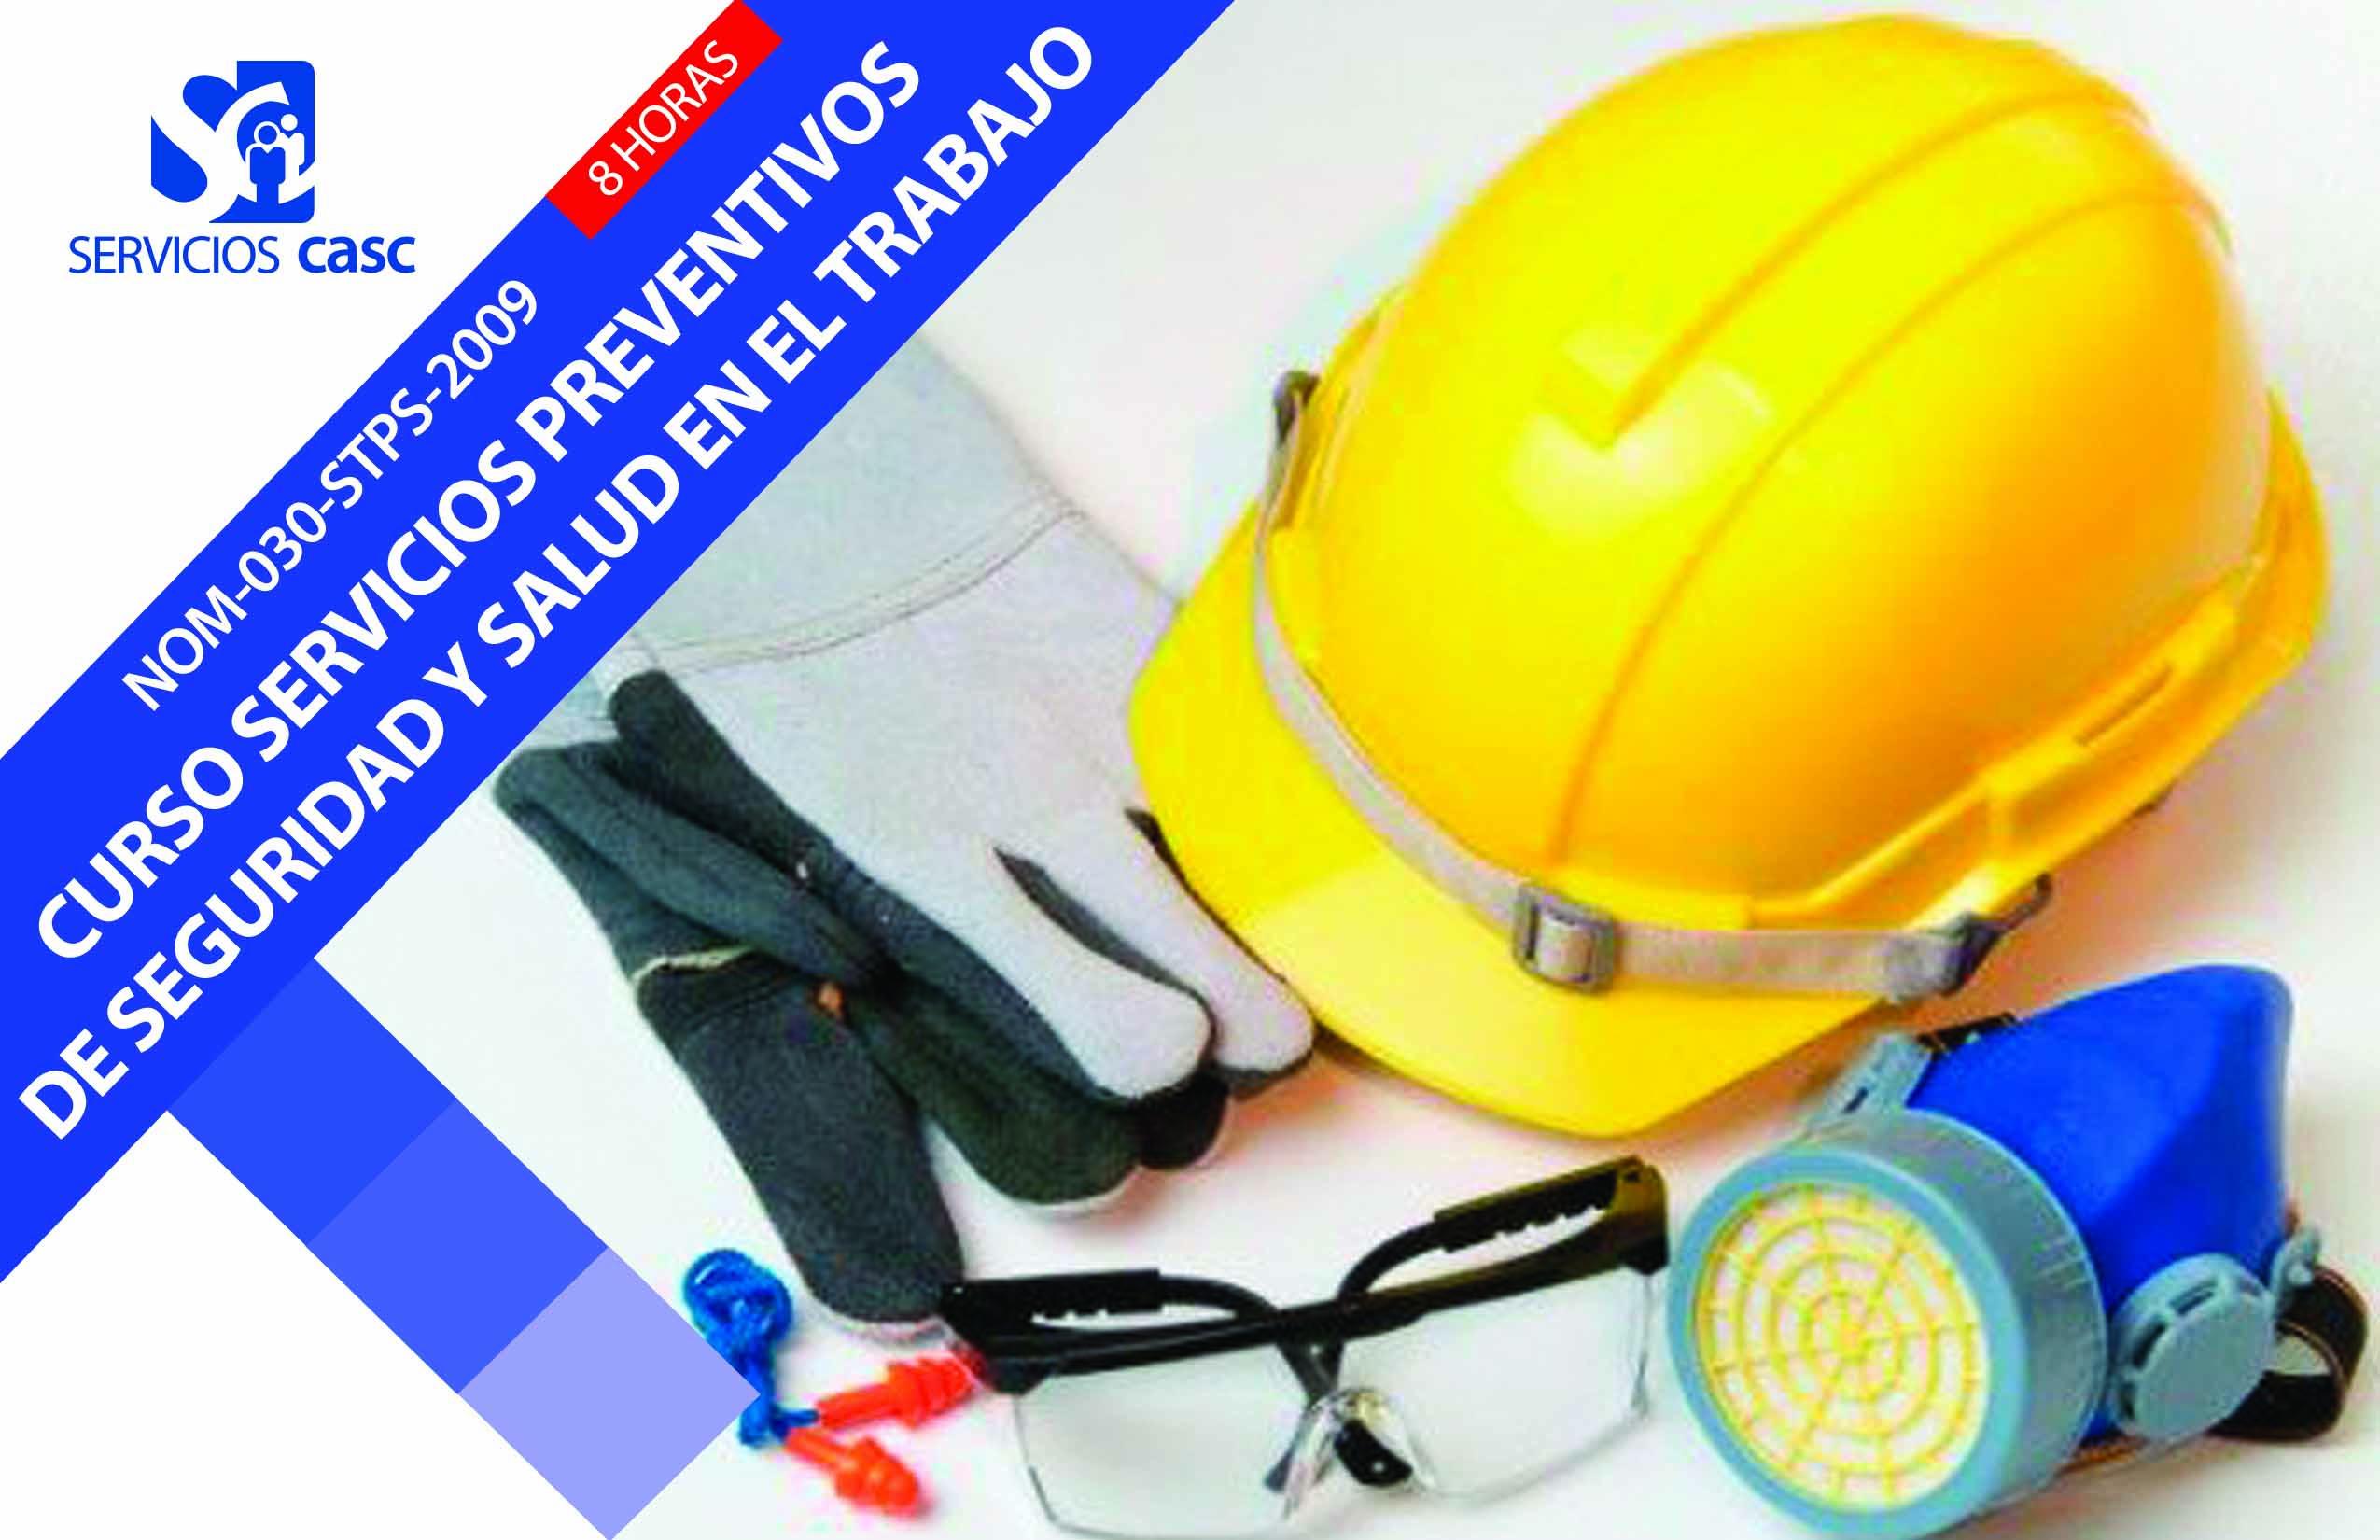 Servicios Preventivos de Seguridad y Salud en el Trabajo (NOM-030-STPS-2009)